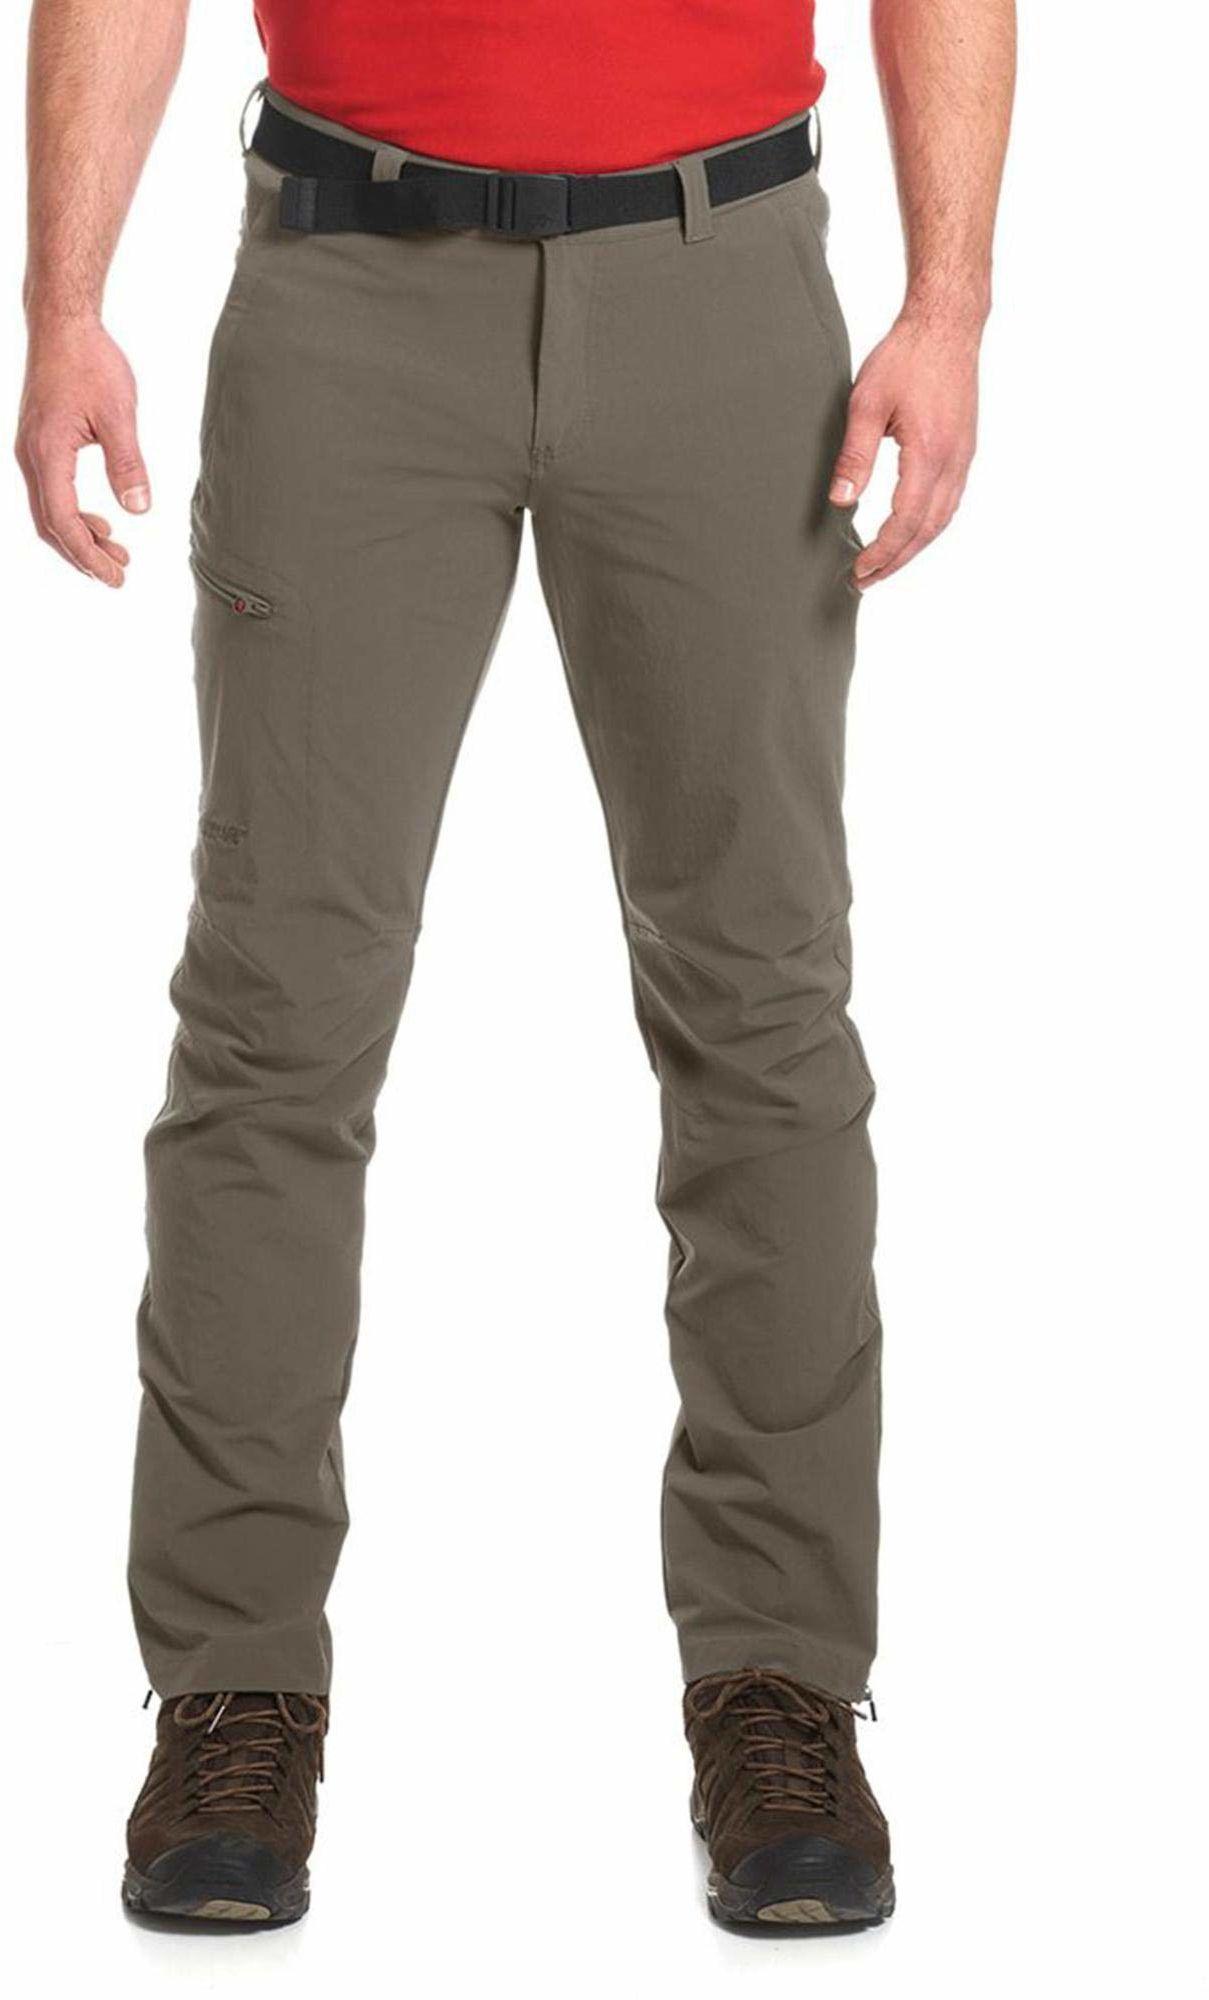 Maier Sports Męskie spodnie trekkingowe Torid Slim oliwkowo-zielony Oliwkowa zieleń (teak/780) 60